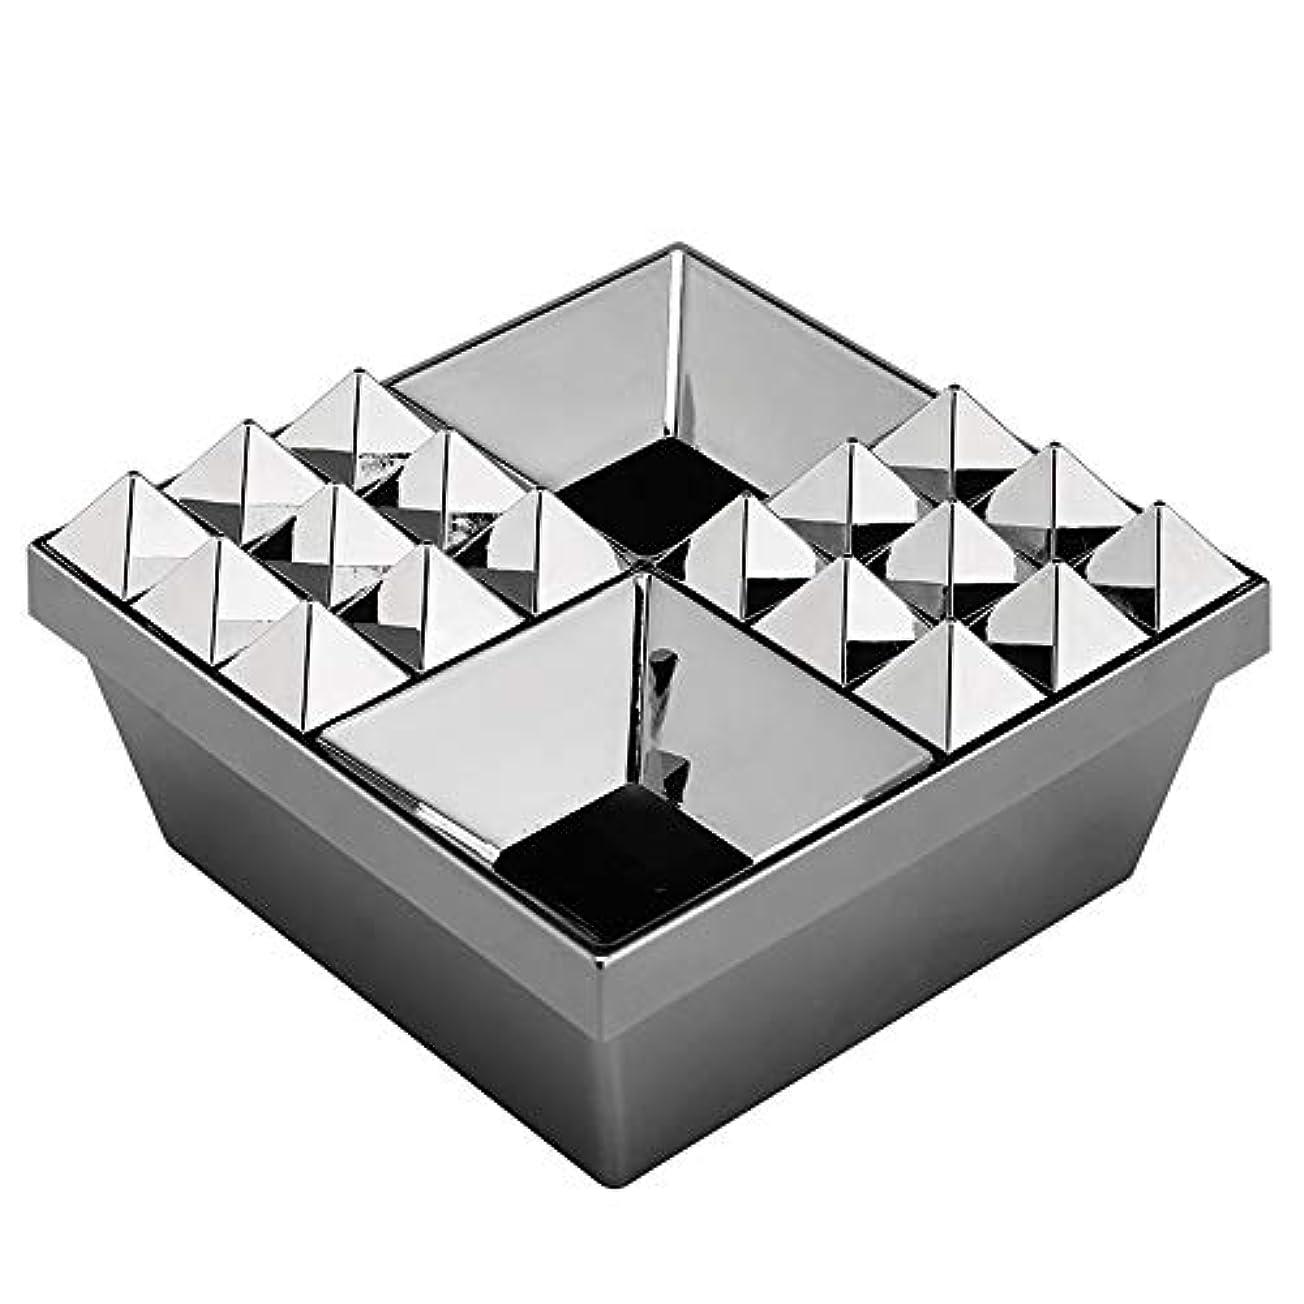 ウッズ湿原最適ふたの家の装飾とタバコの創造的な灰皿のための灰皿 (色 : 銀)